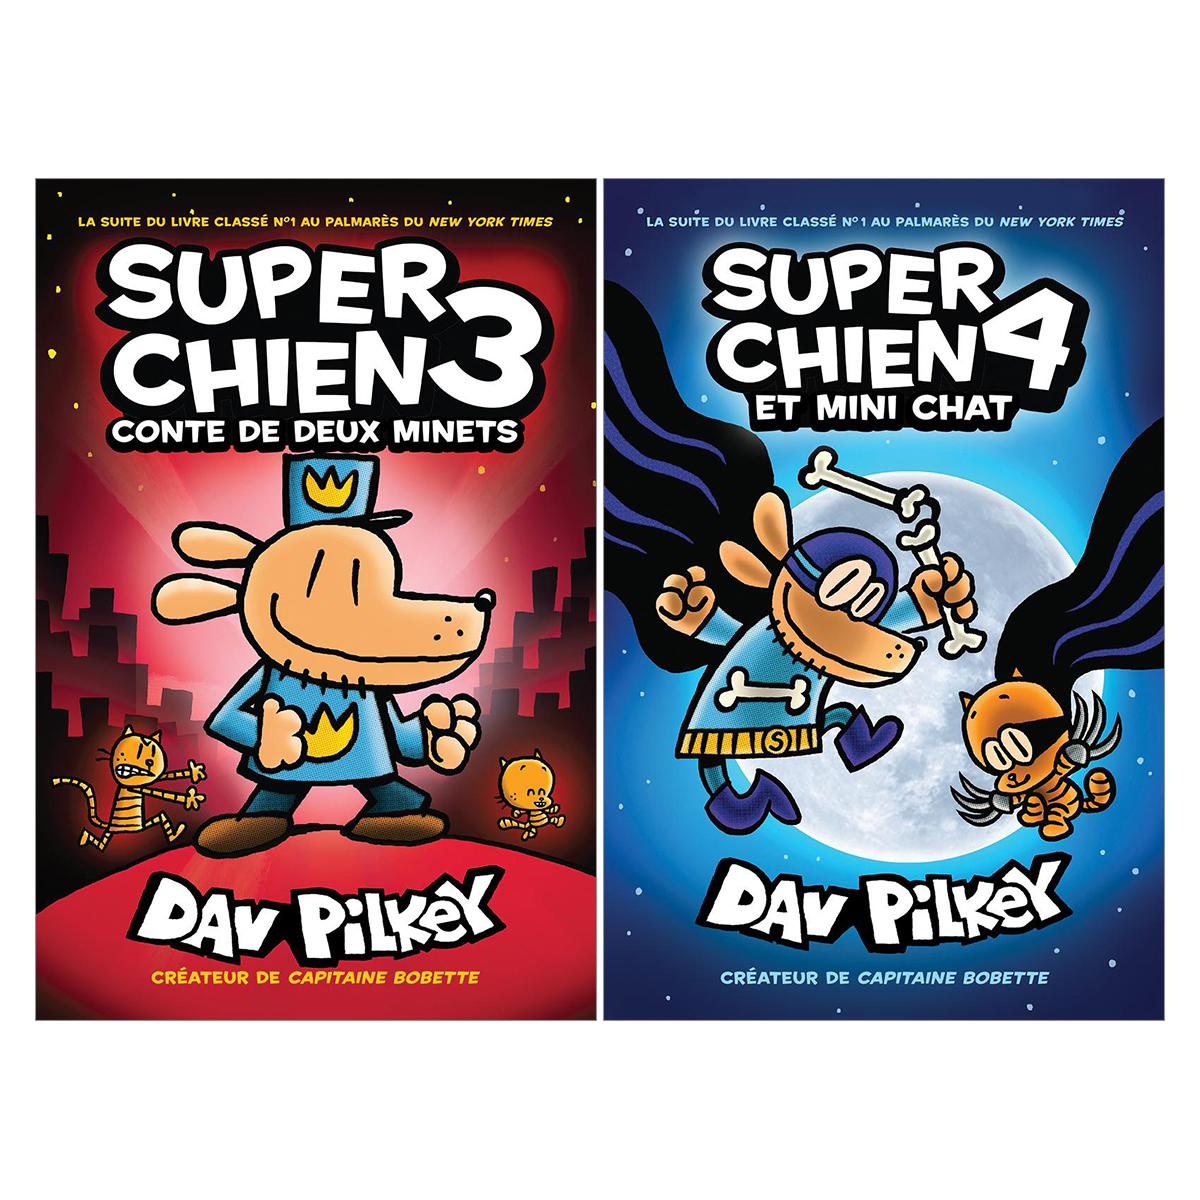 J'aime Super Chien 3-4